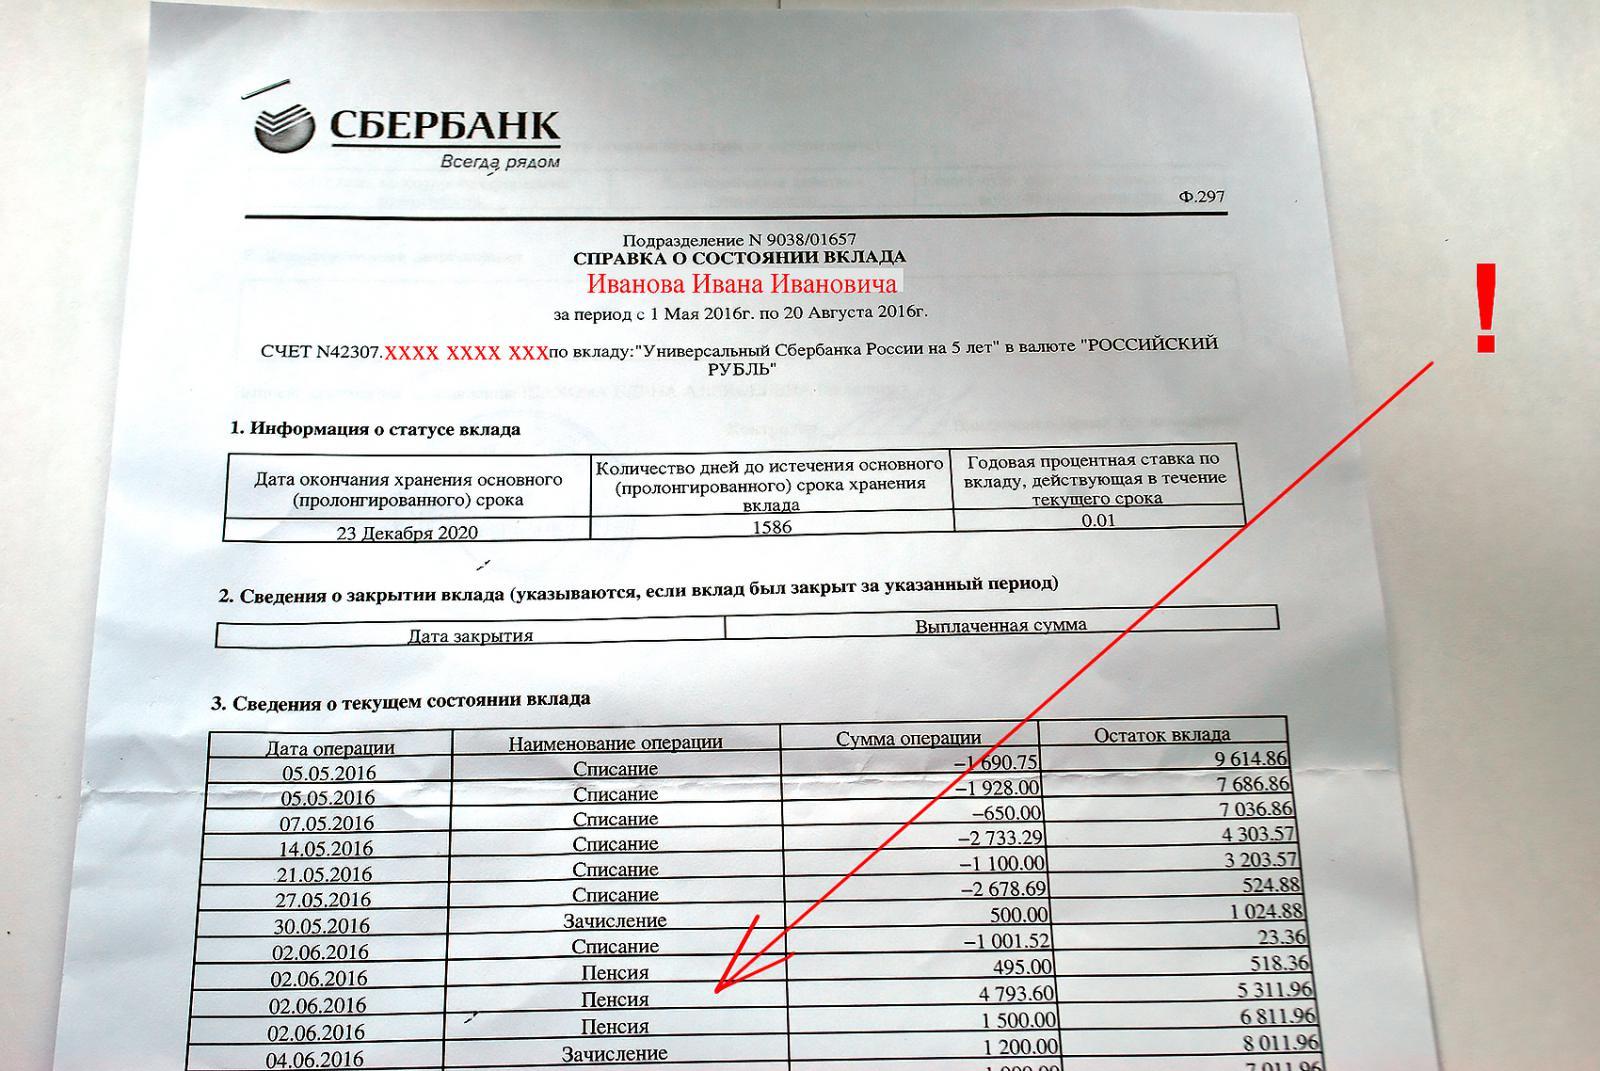 Справка из пенсионного фонда о размере пенсии